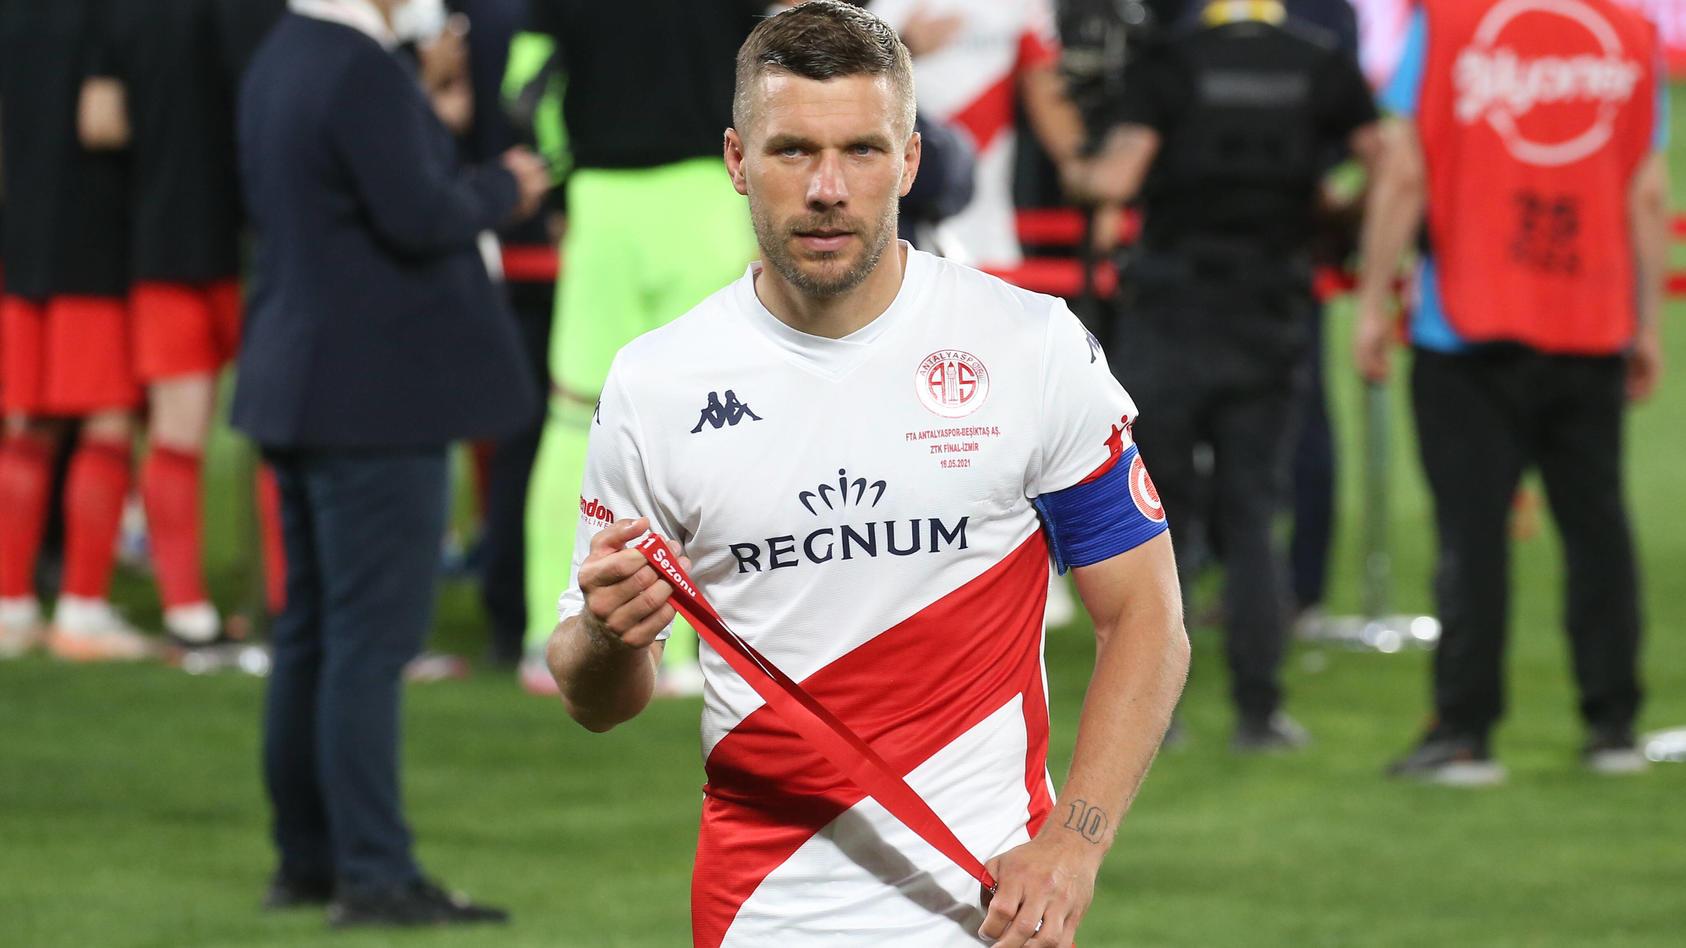 Unzufrieden. Äußerst unzufrieden: Lukas Podolski.